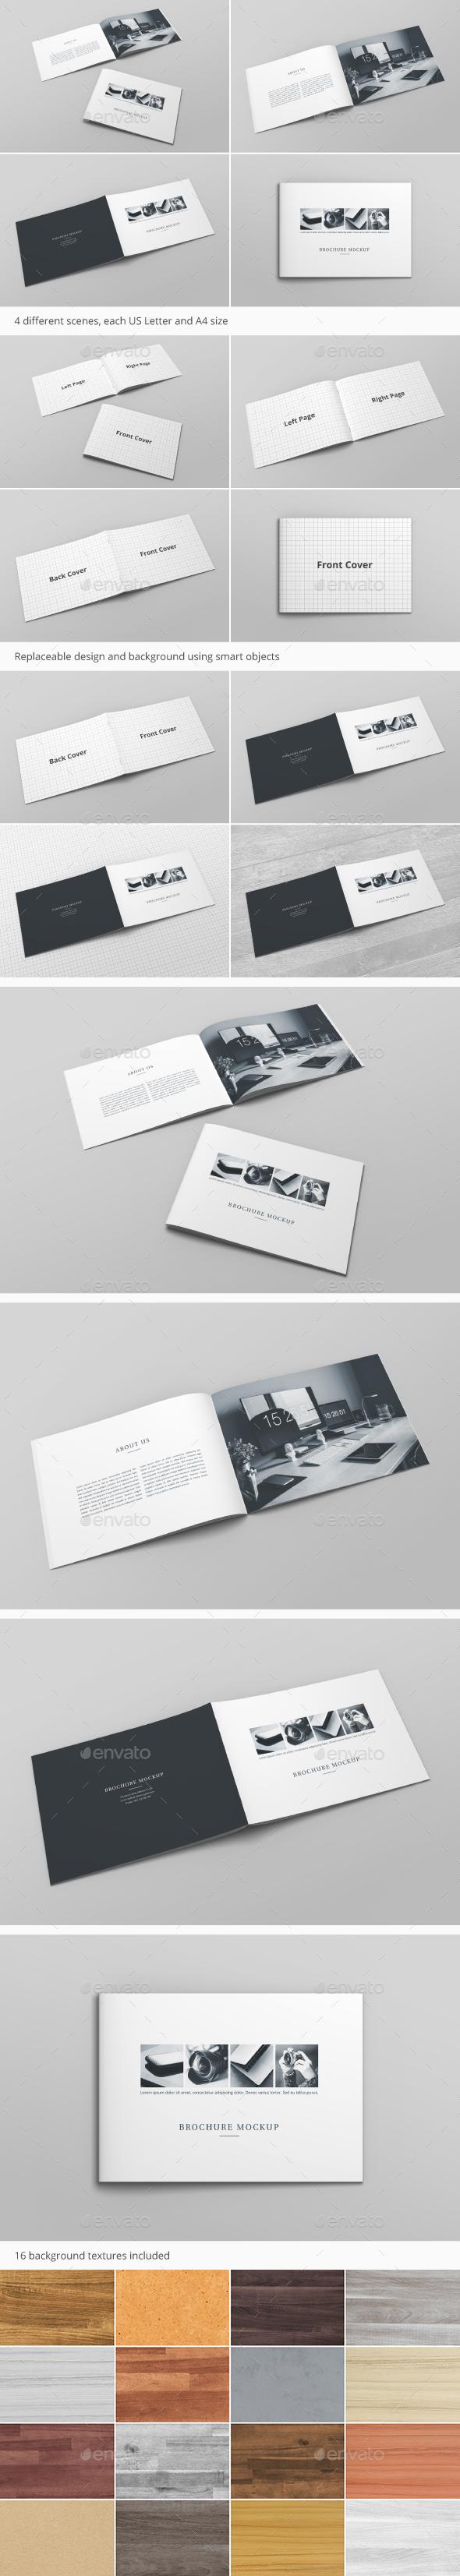 Brochure Catalog Mockup Vol. 2 - Brochures Print